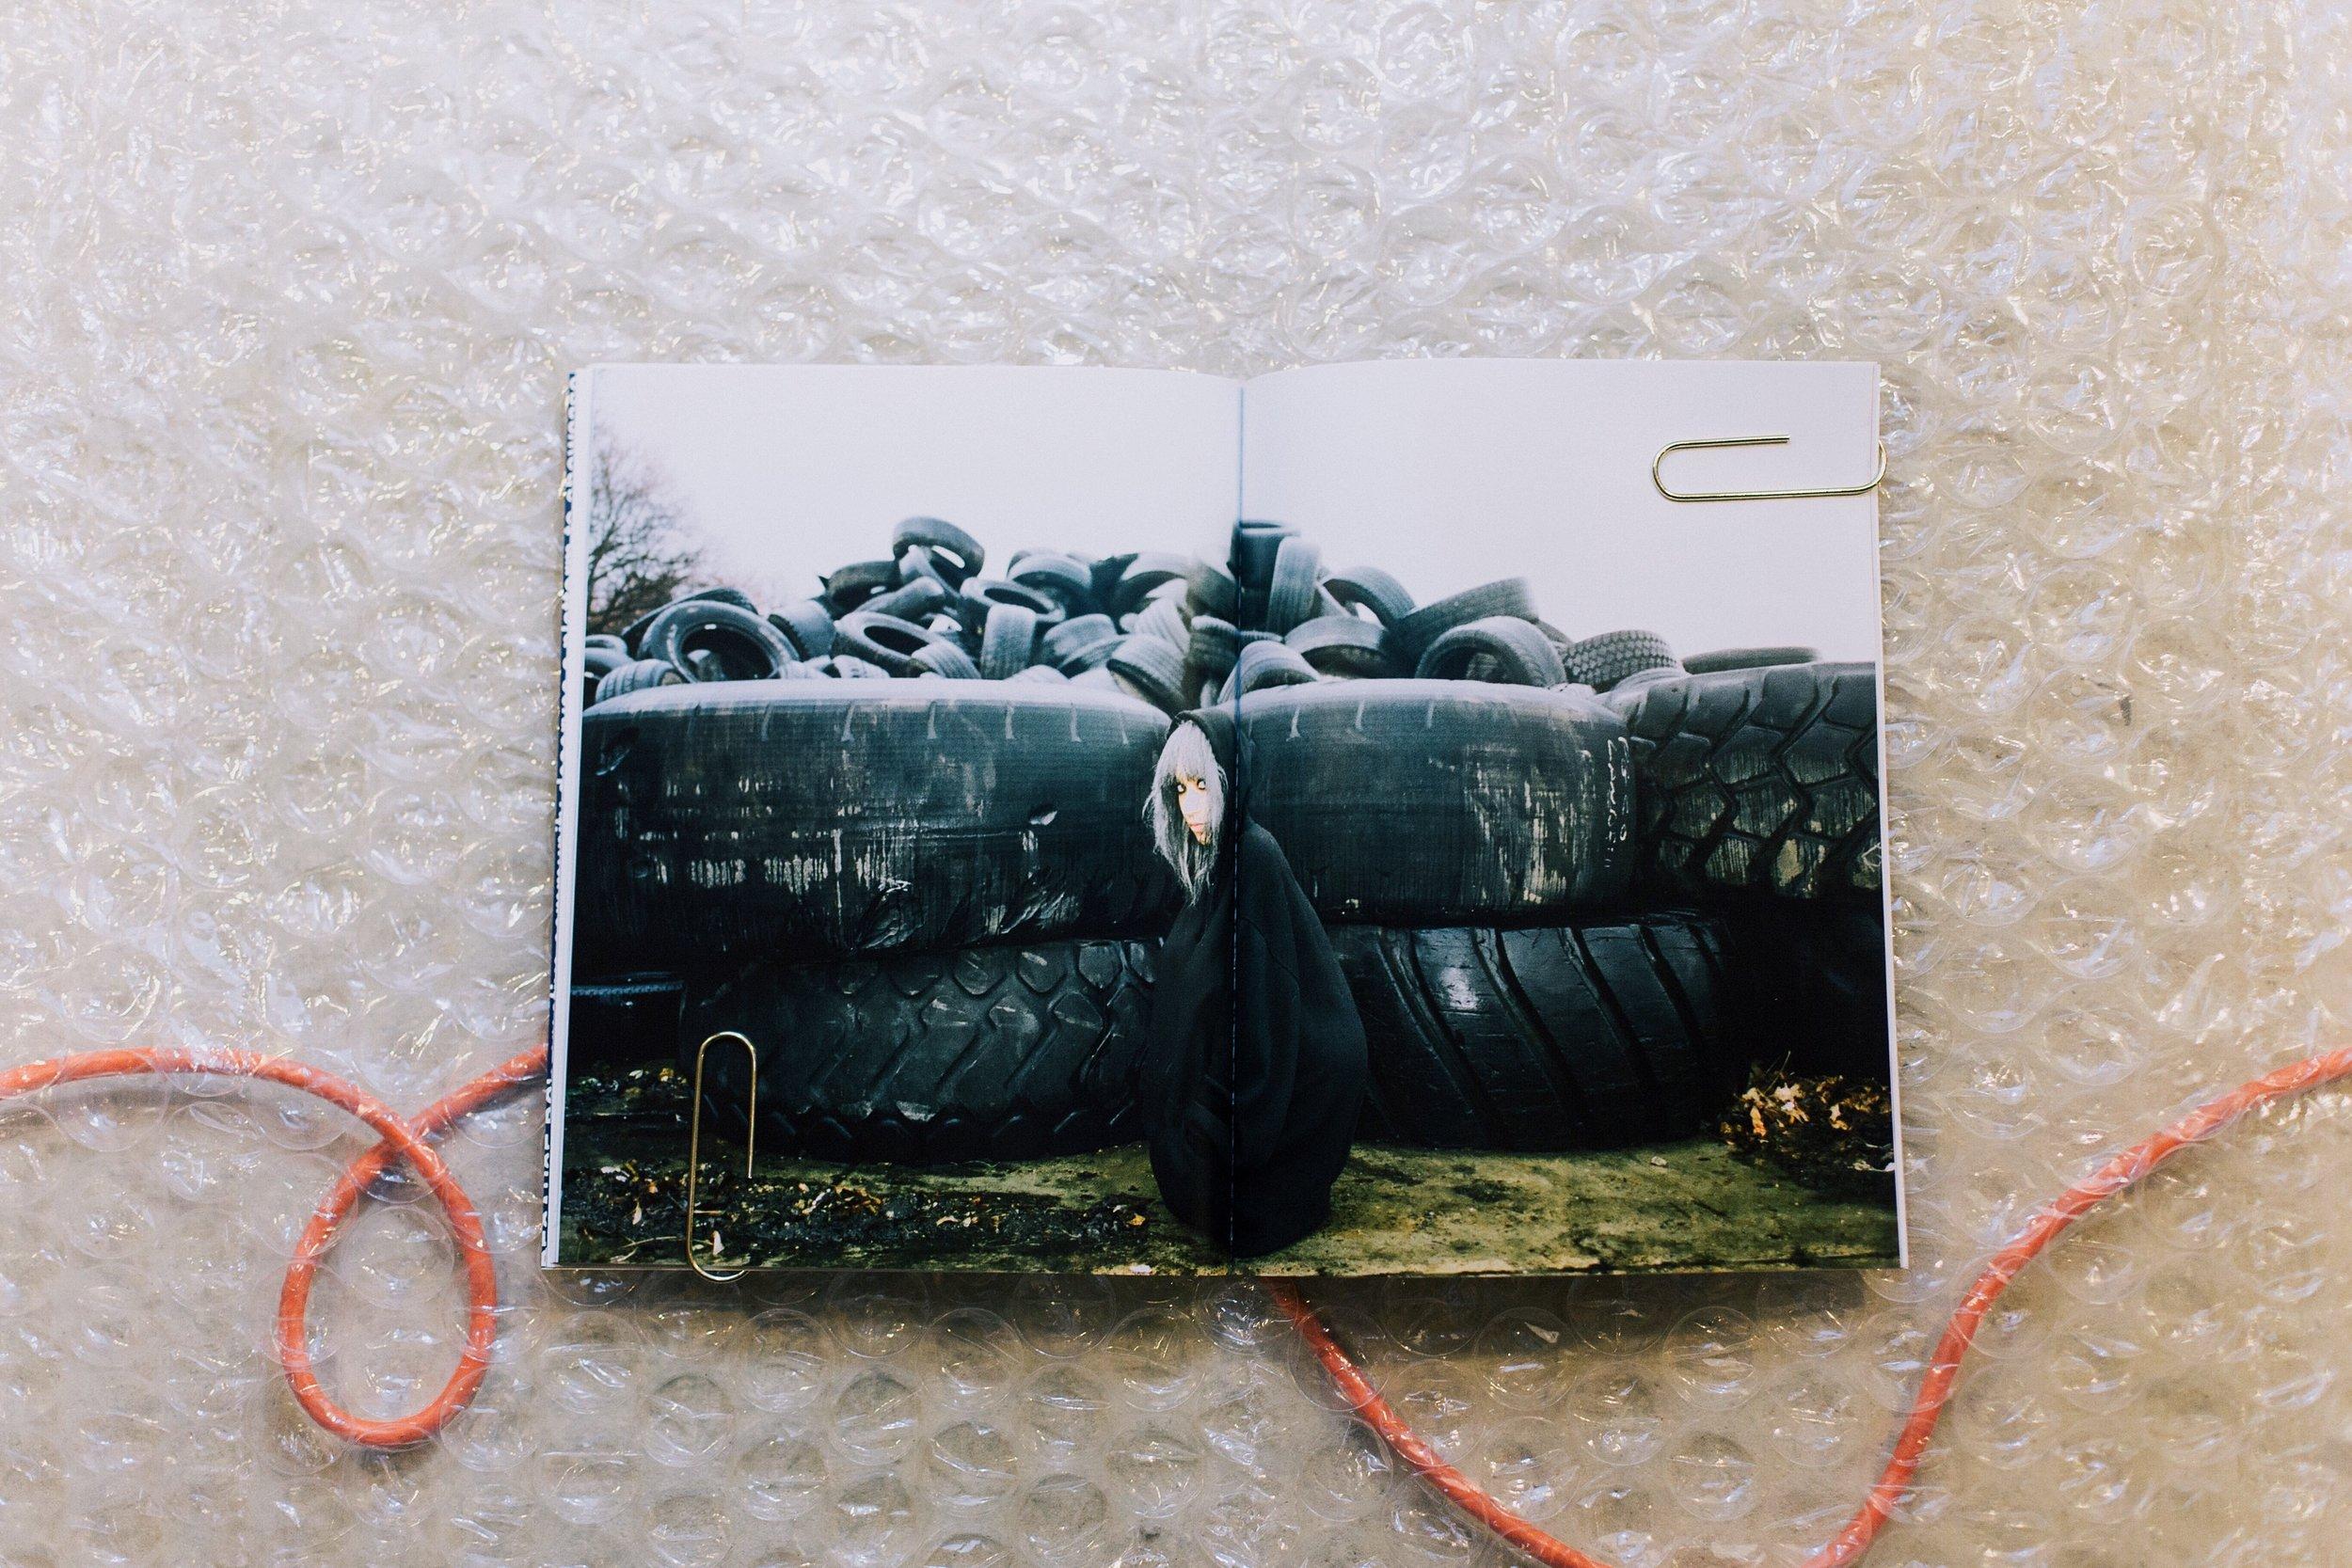 vsco-photo-5 (4).jpg